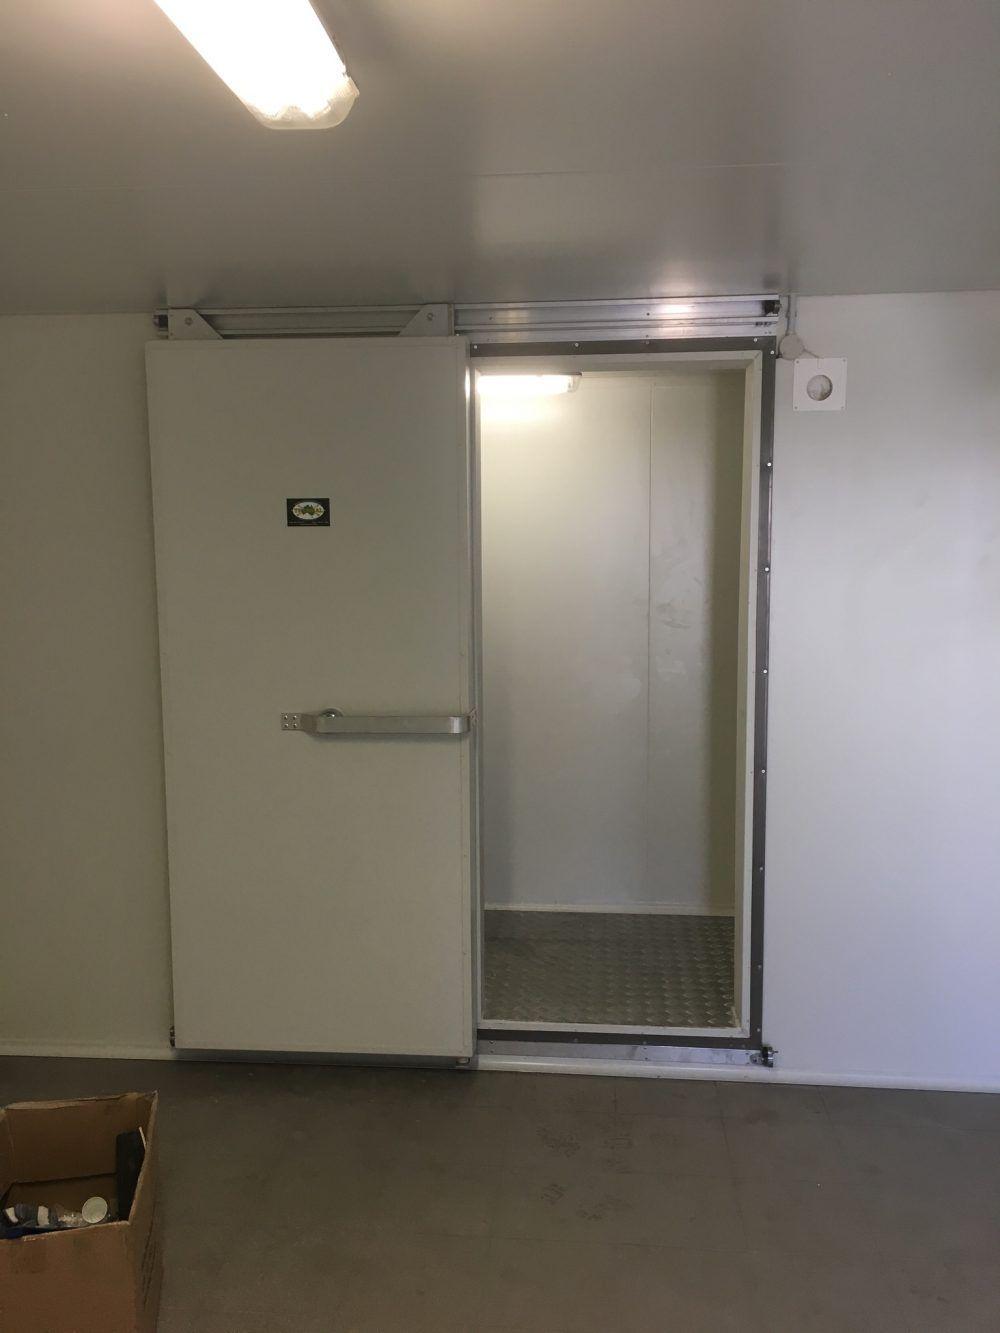 Automated Doors Gallery & Industrial u0026 Coolroom Doors - Thermal WA